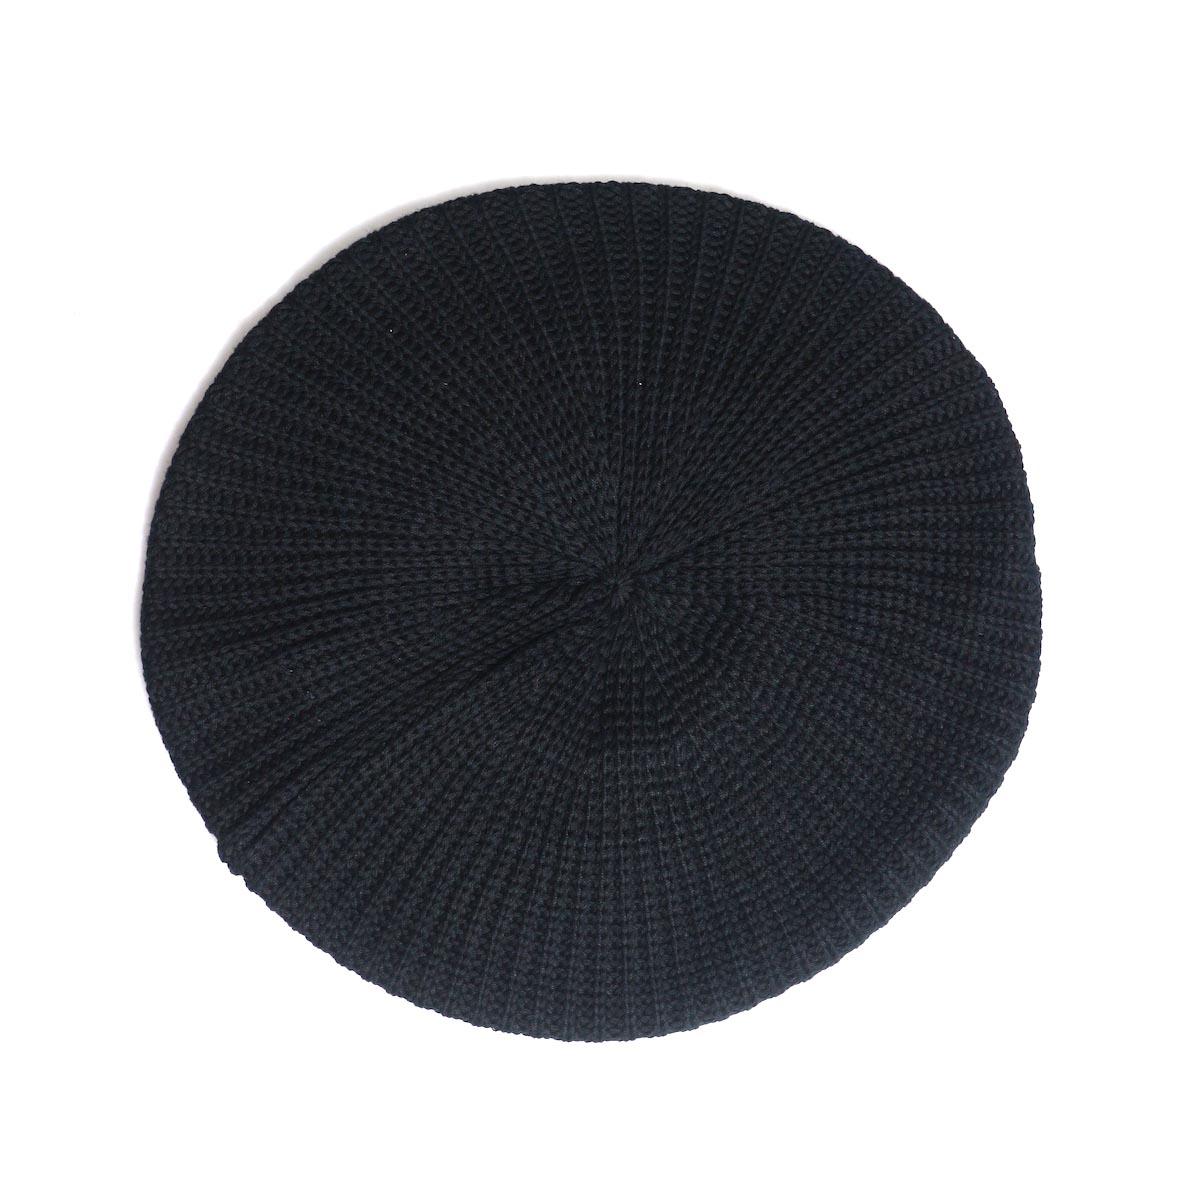 LEUCHTFEUER / BIG HOOGE -Cotton×Acrylic (Black)